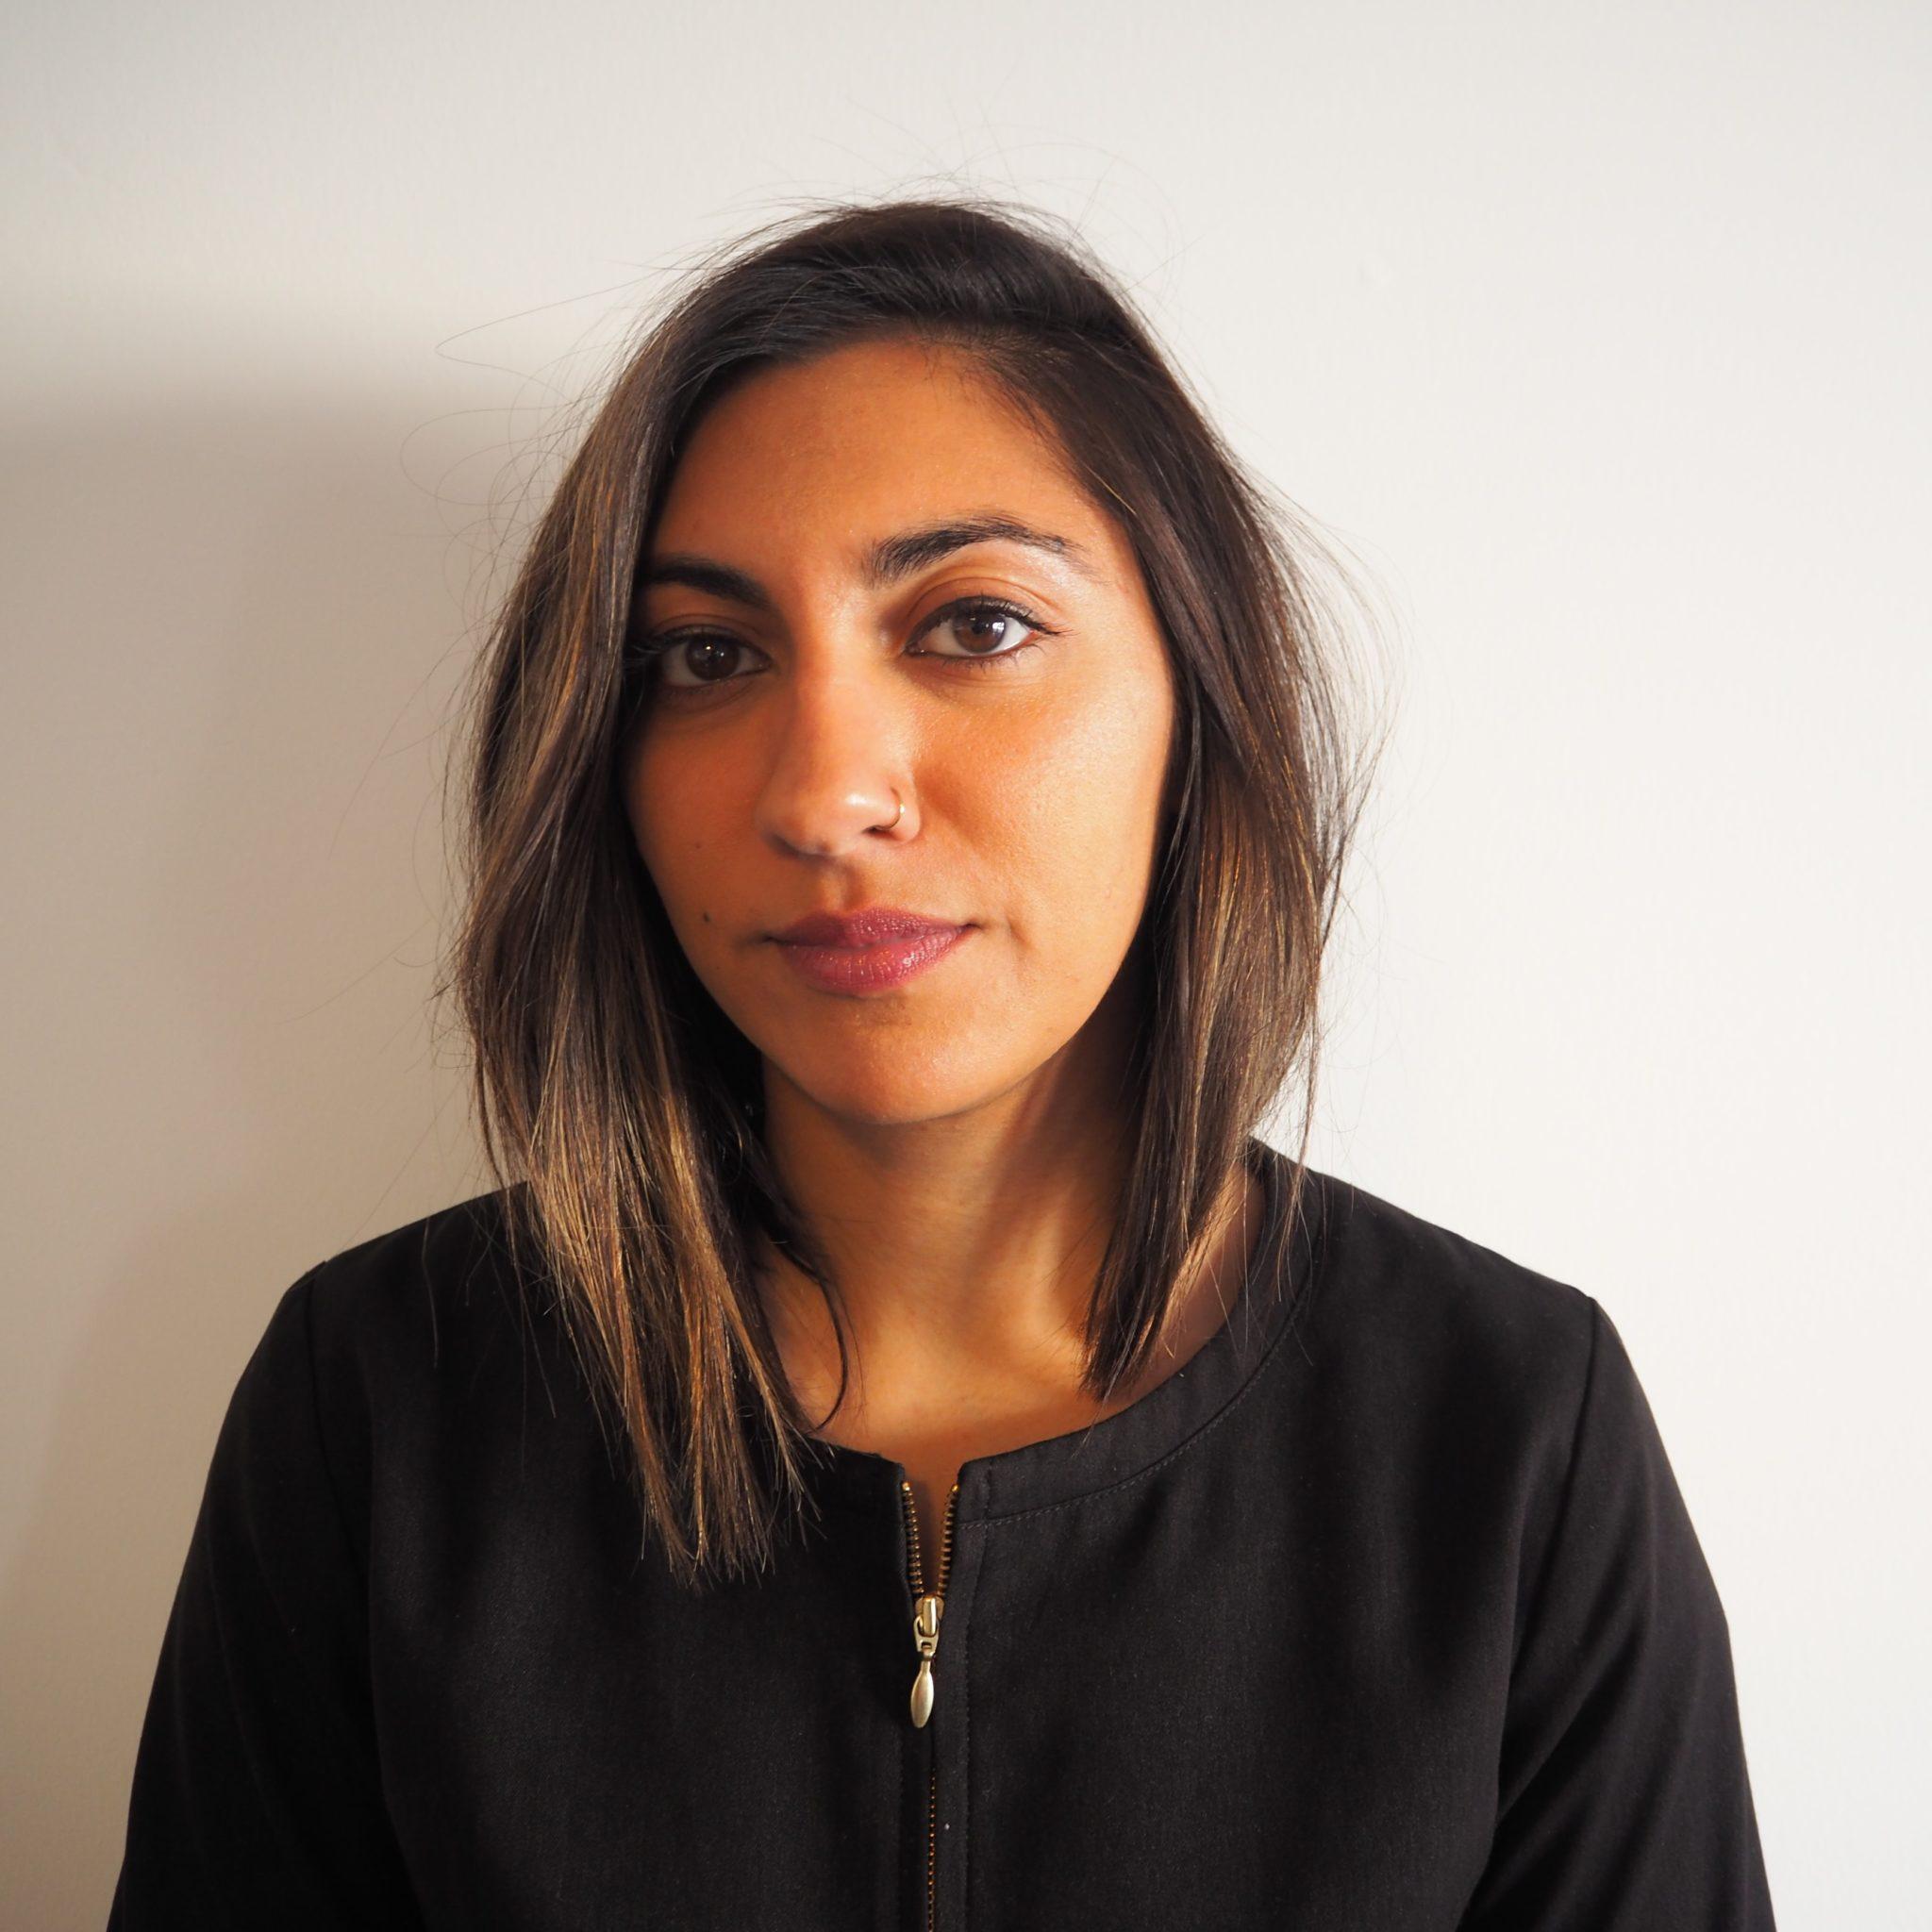 Nayha Sethi